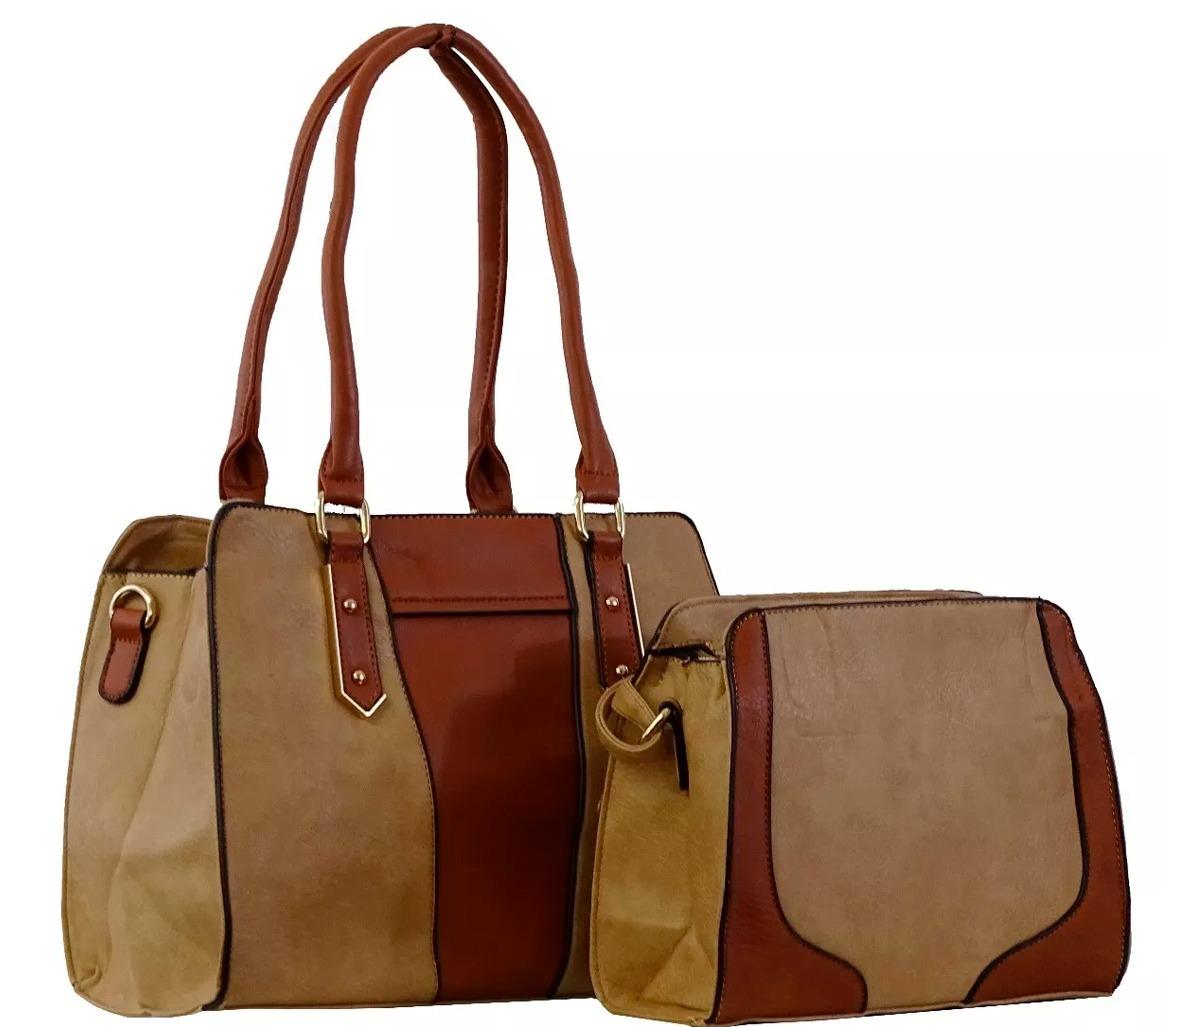 a4c0182dd Kit 2 Bolsas Femininas Couro Sintético Alta Qualidade - R$ 198,00 em ...